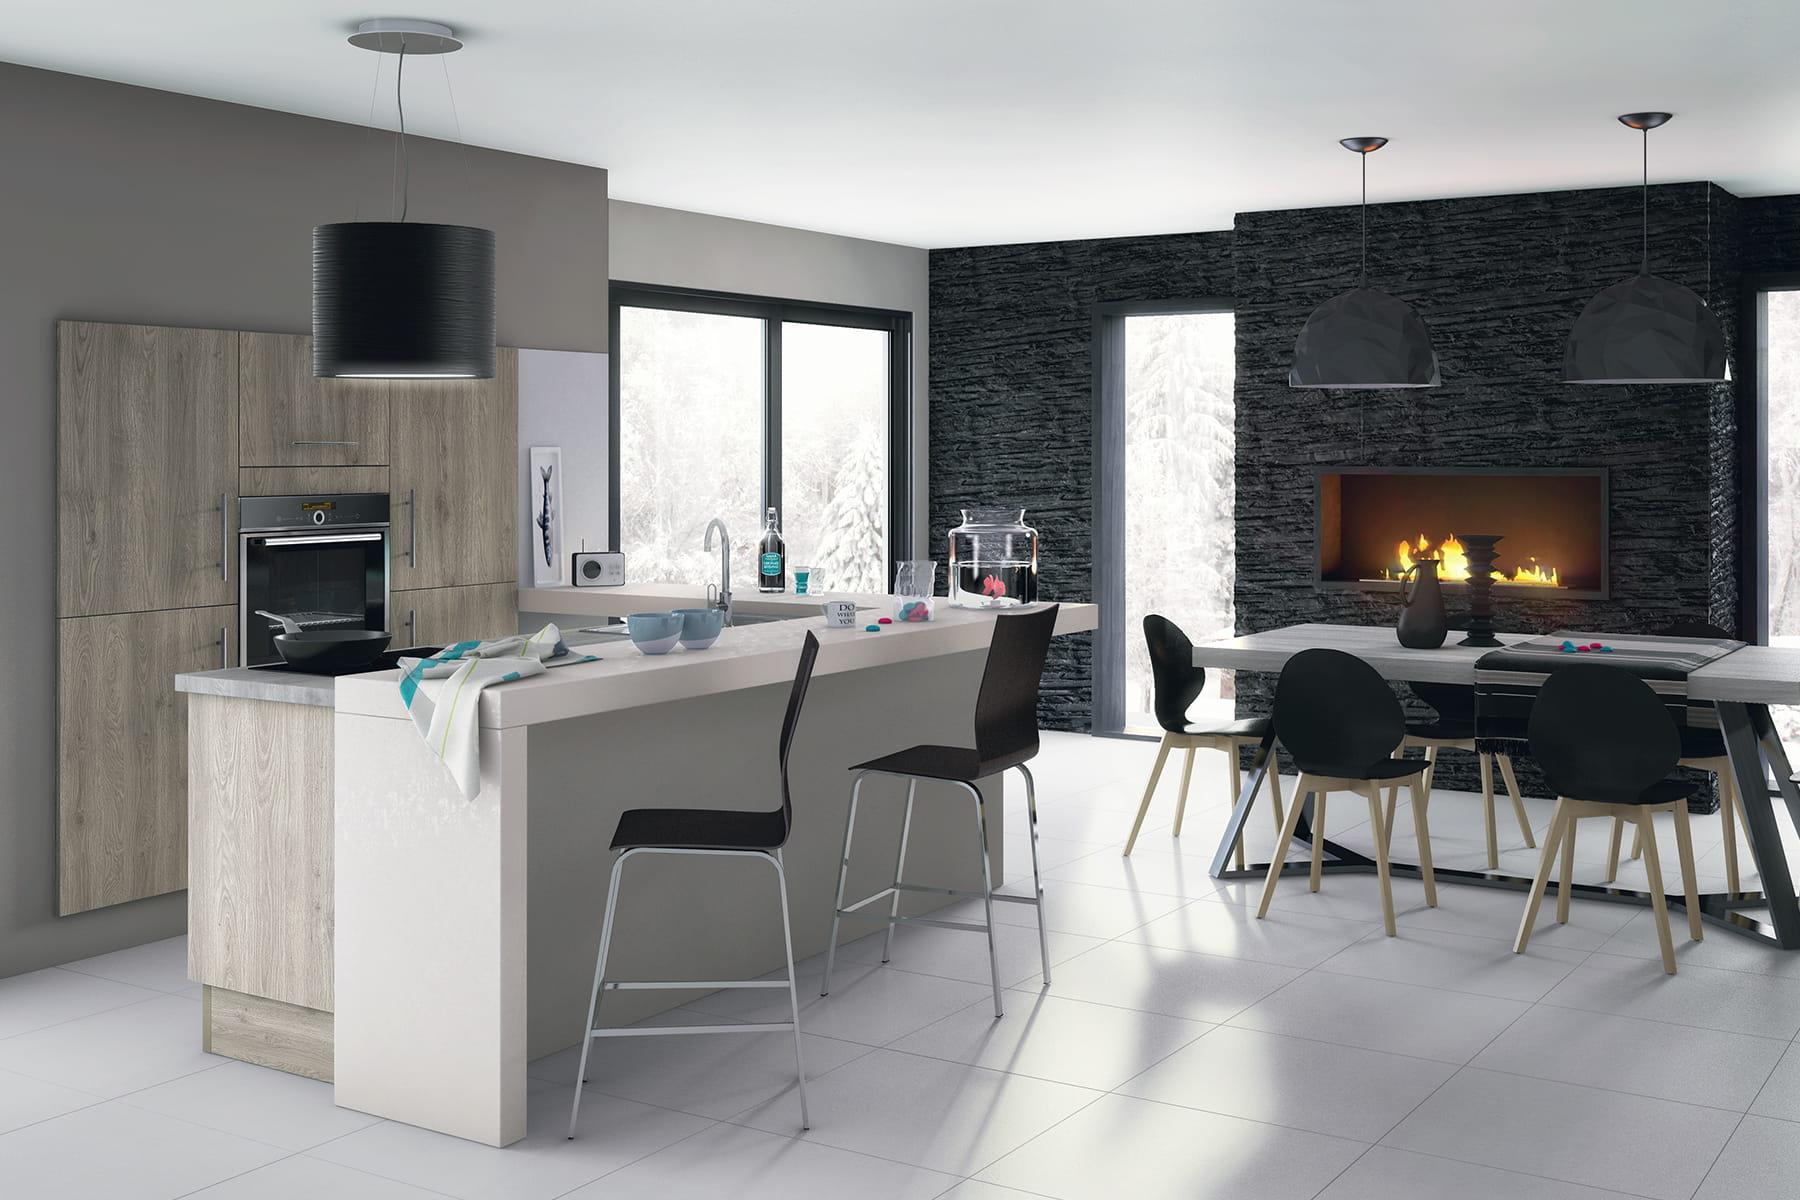 Modele salle de bain lapeyre for Cuisine bistro lapeyre